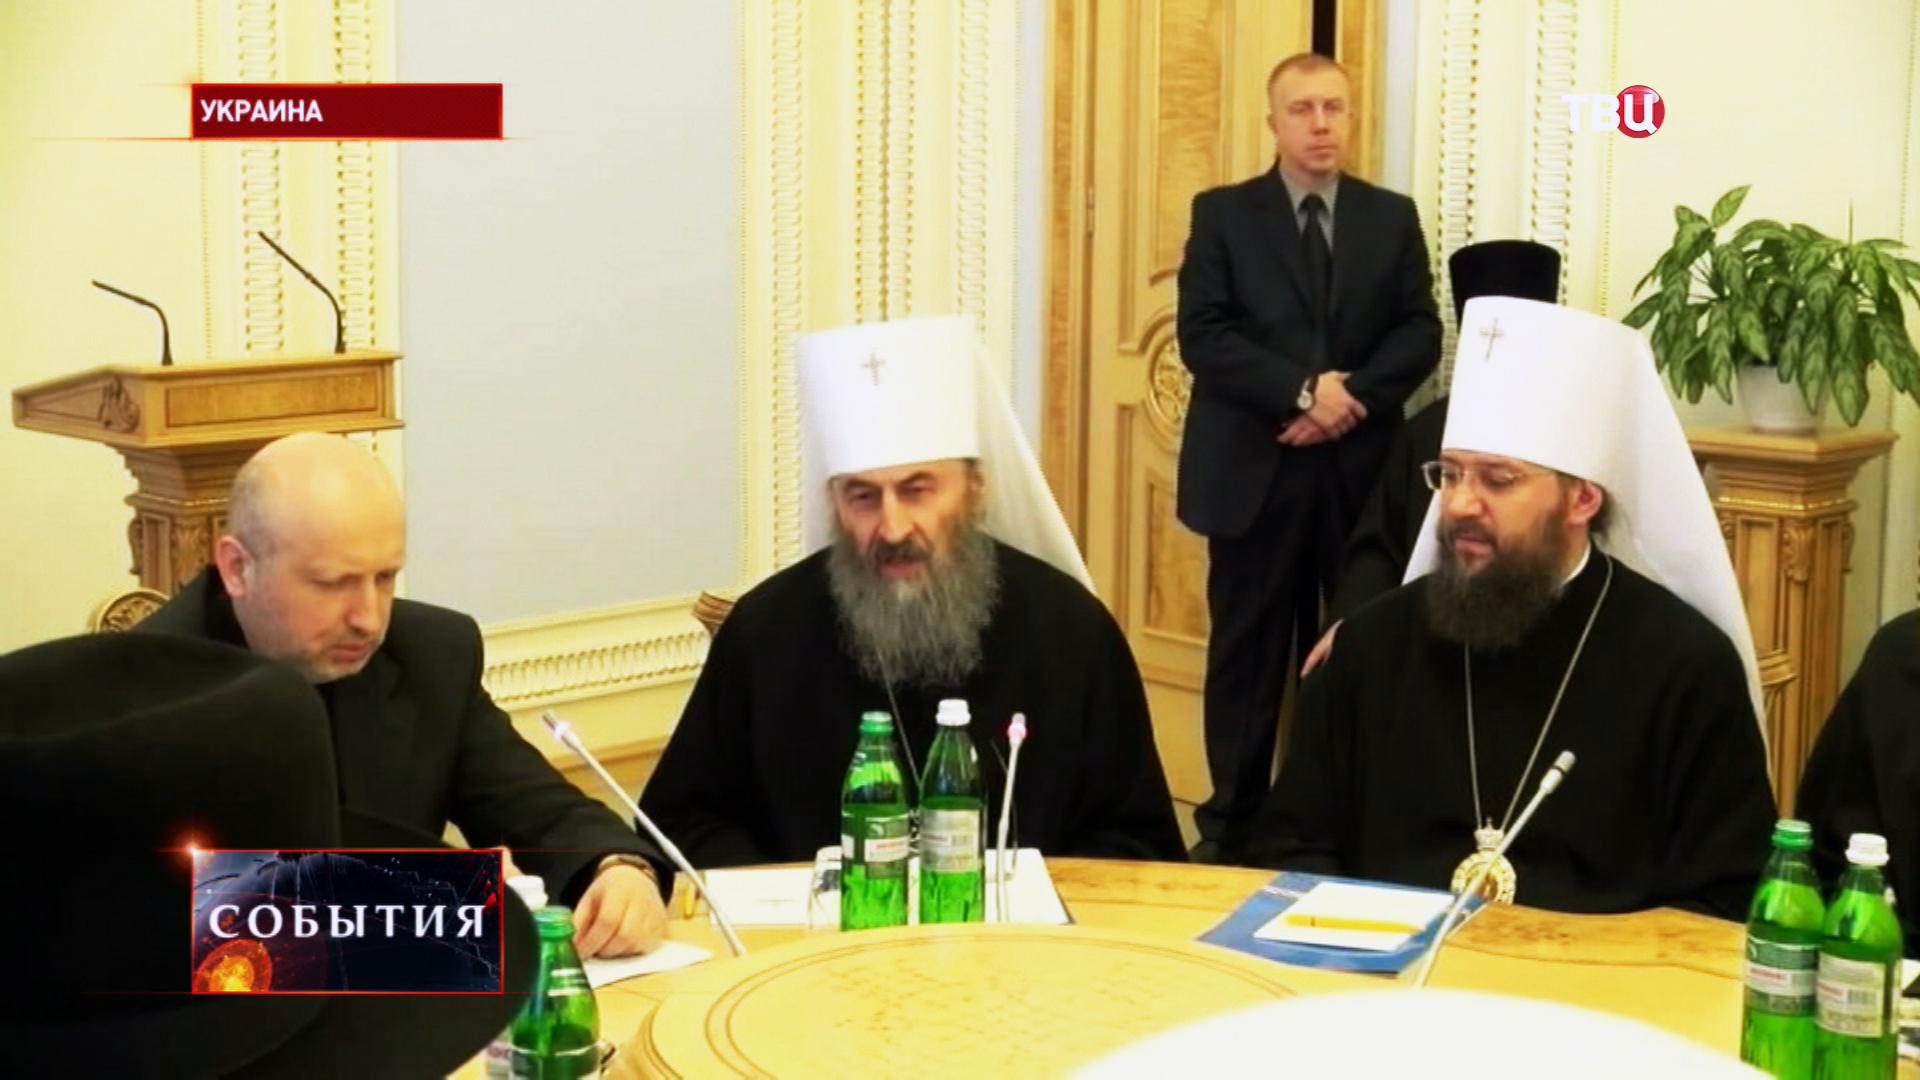 Александр Турчинов на встрече с представителями церкви